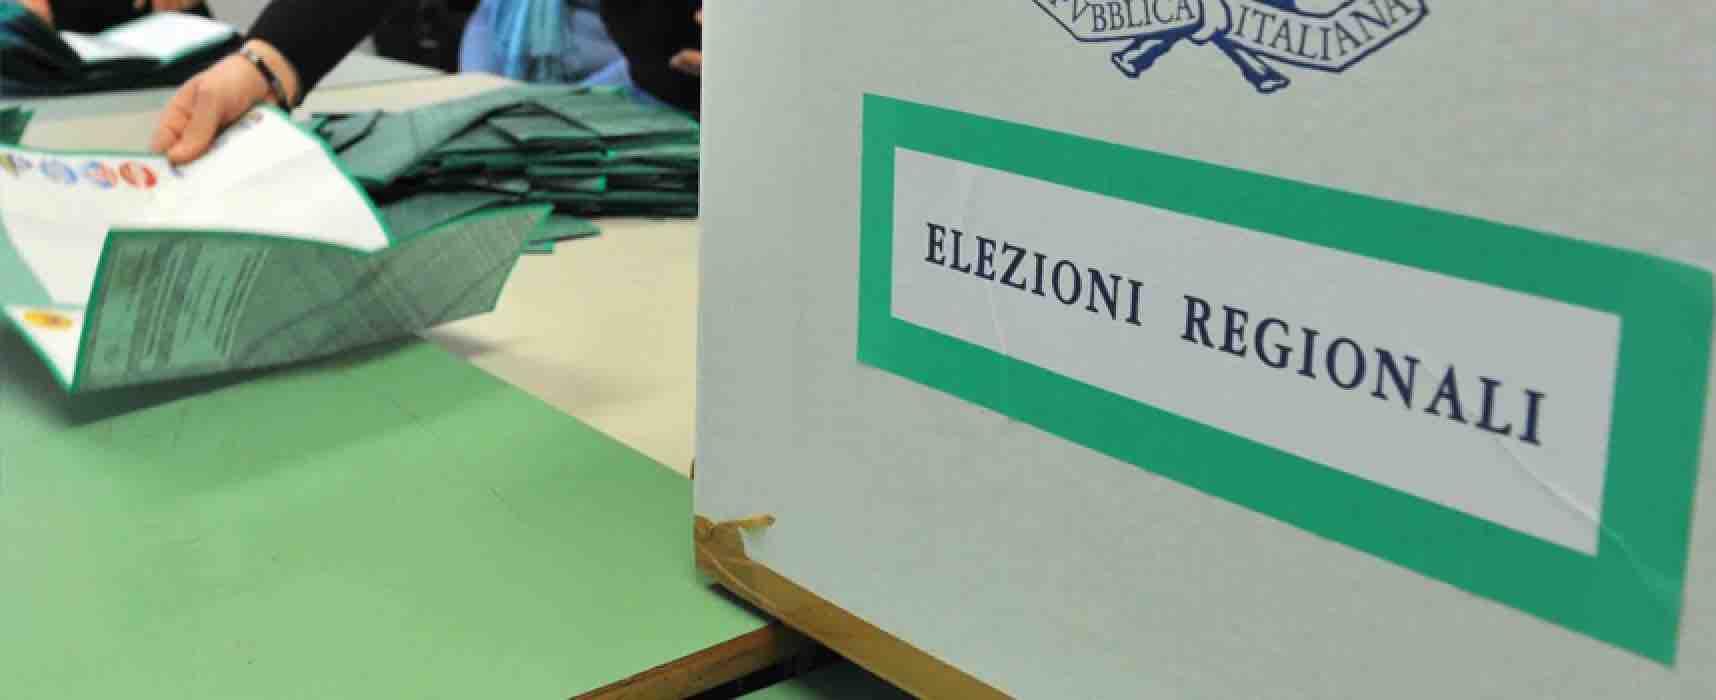 Chiusura Scuola per Elezioni Regionali 26/01/2020